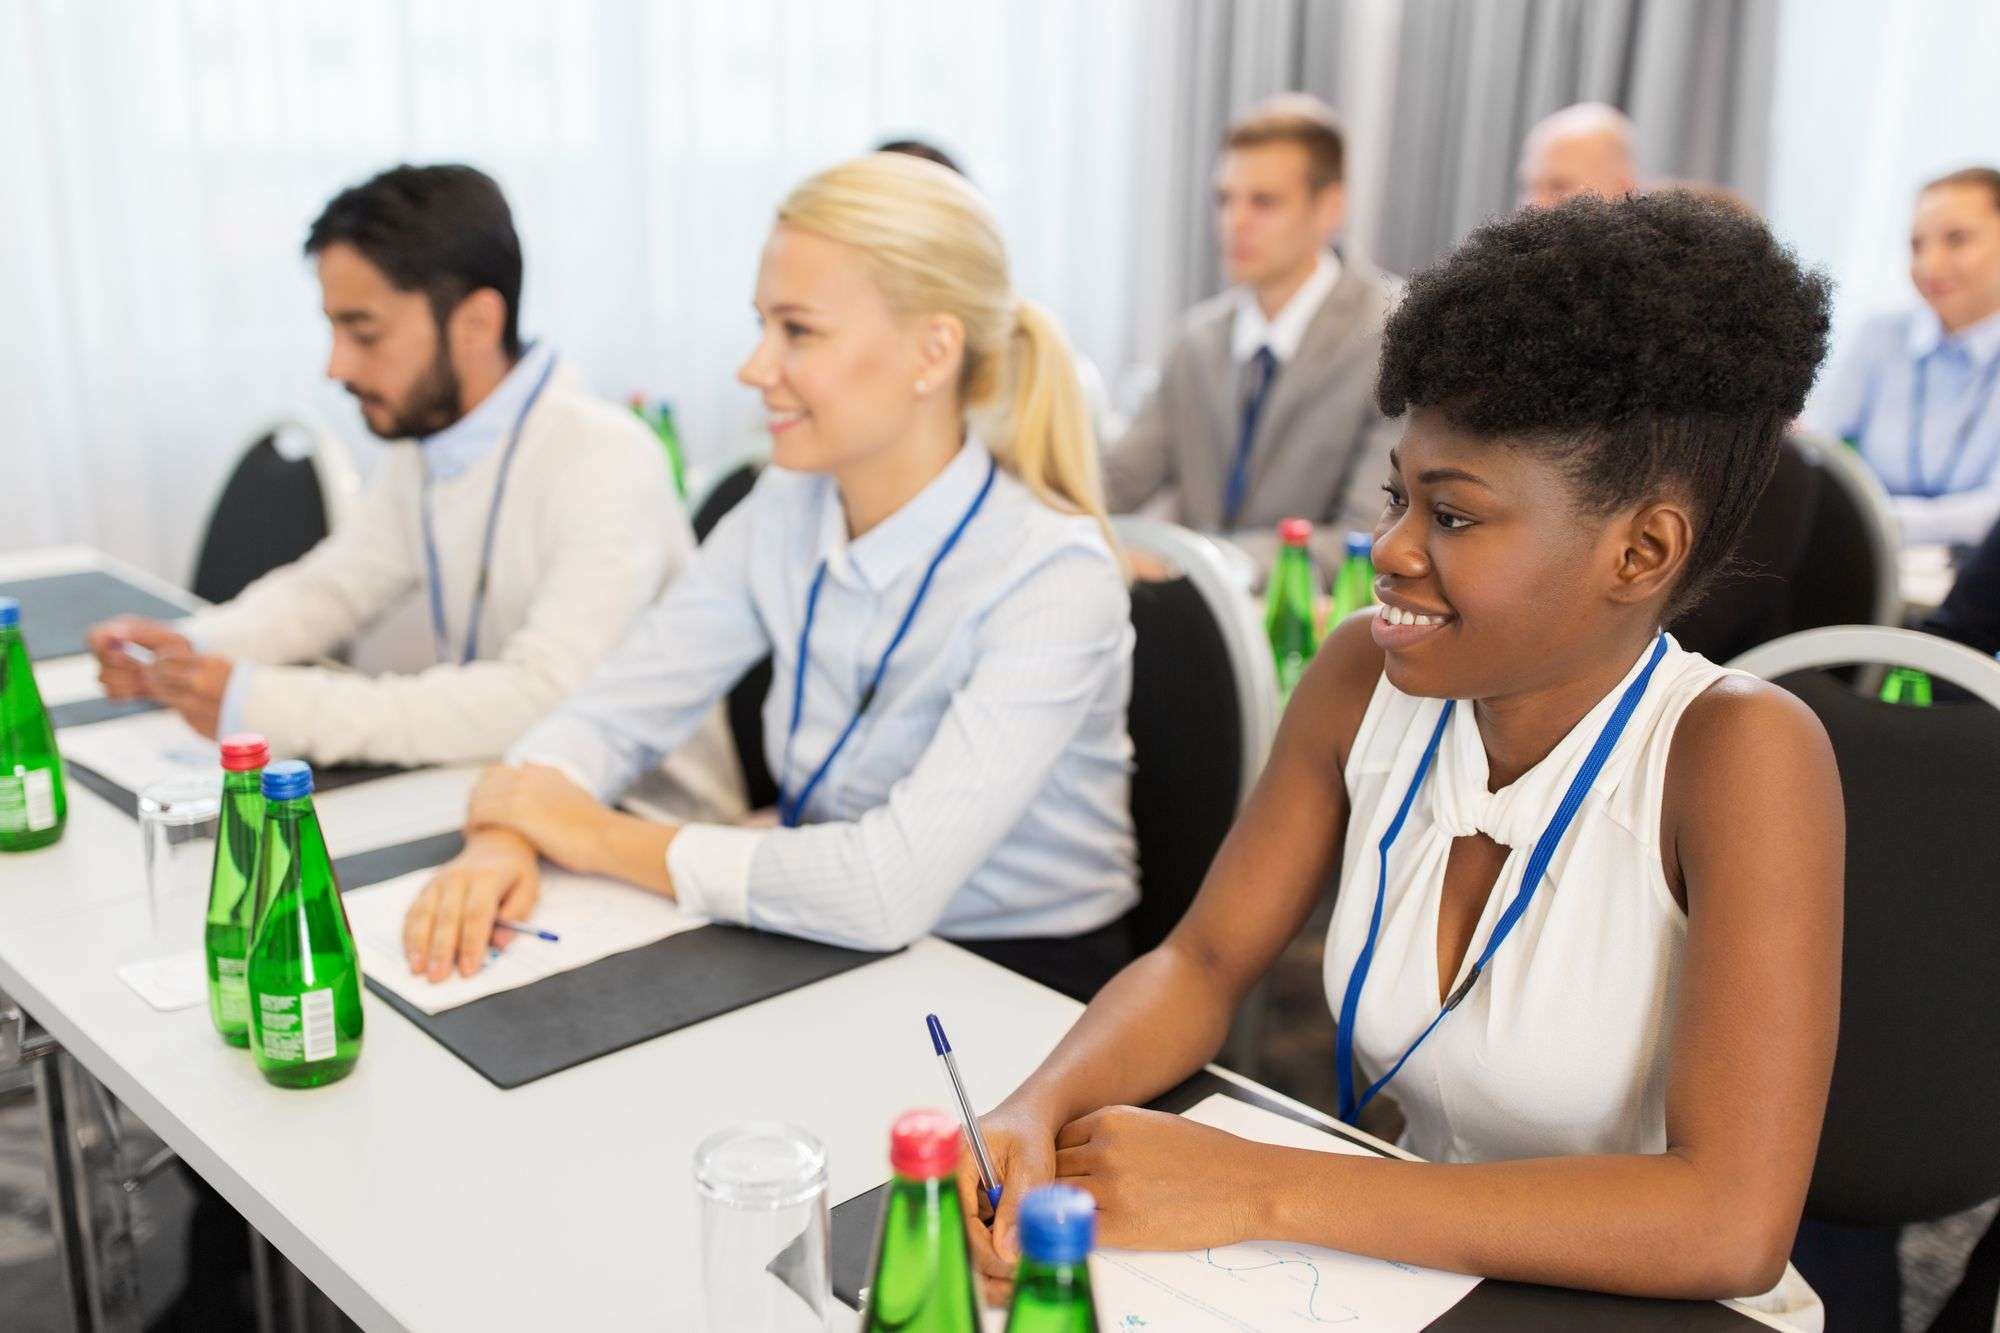 Educação Executiva: 8 Benefícios Para Sua Formação Profissional